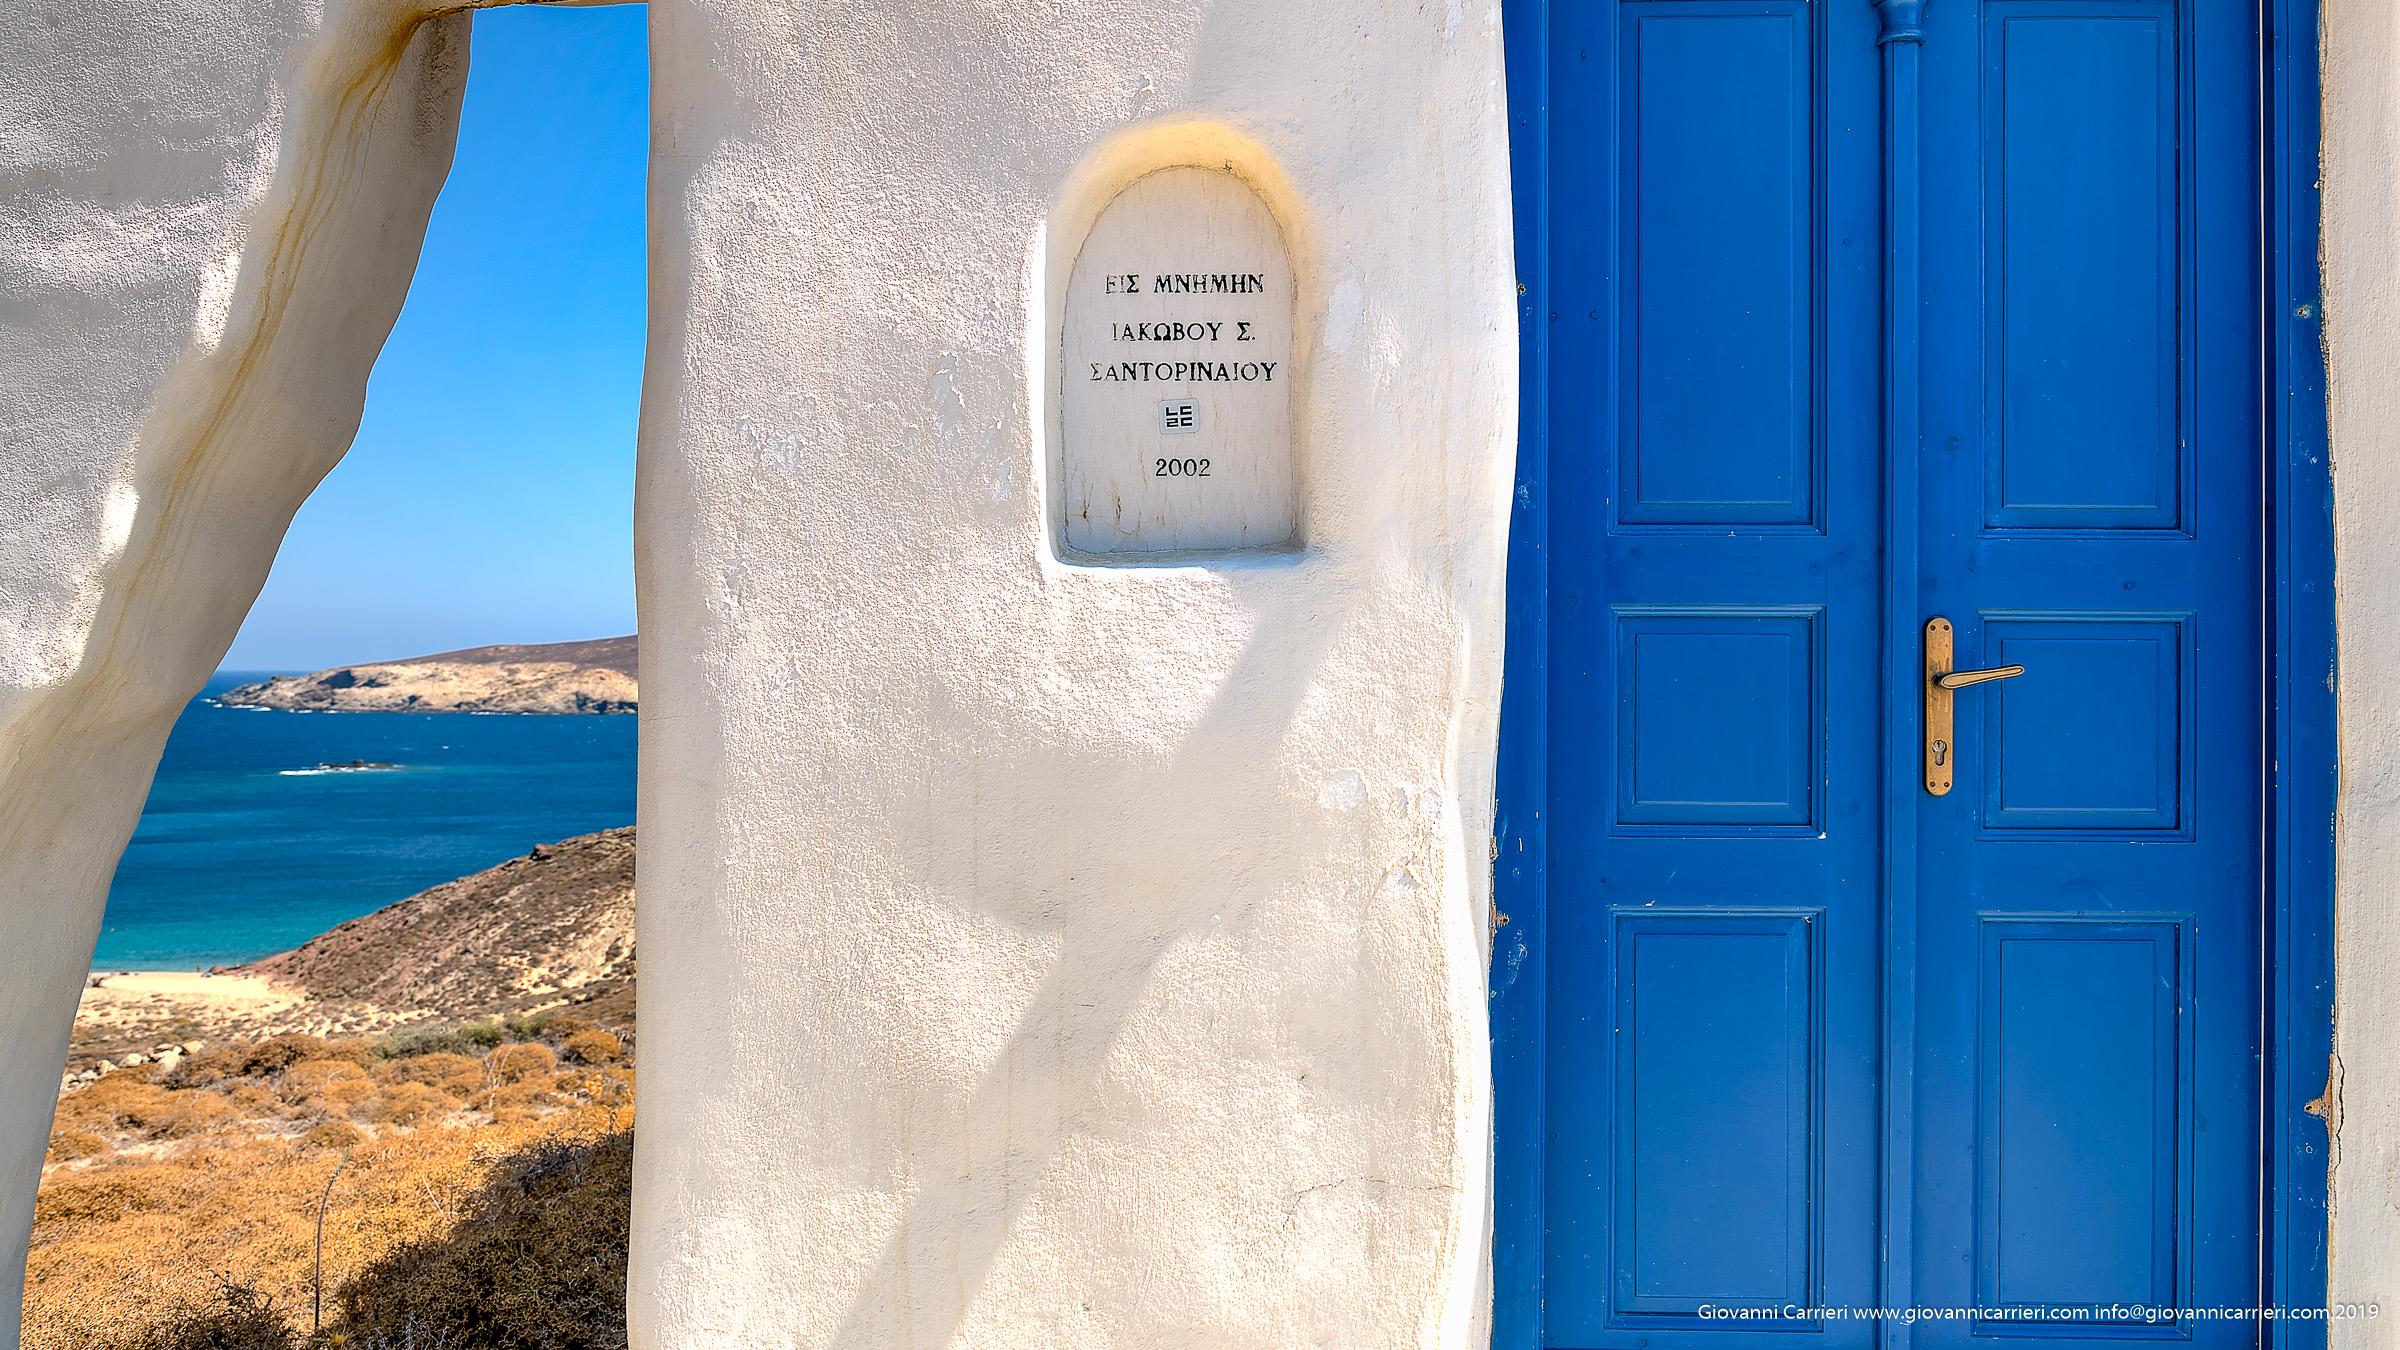 Le chiese, le porte ed il blu di Mykonos